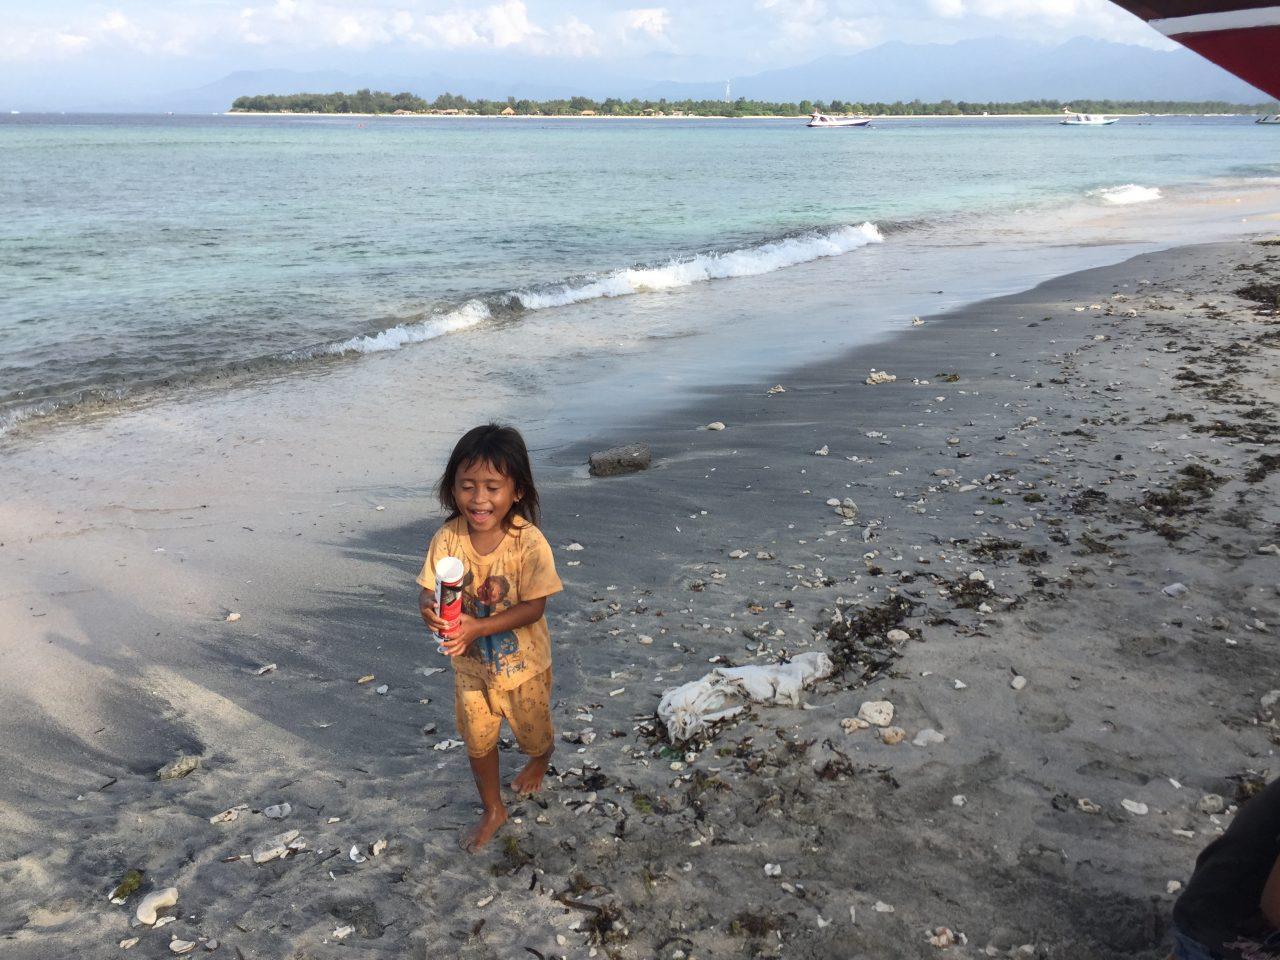 Menina local na praia. Foto: Vanessa Mathias